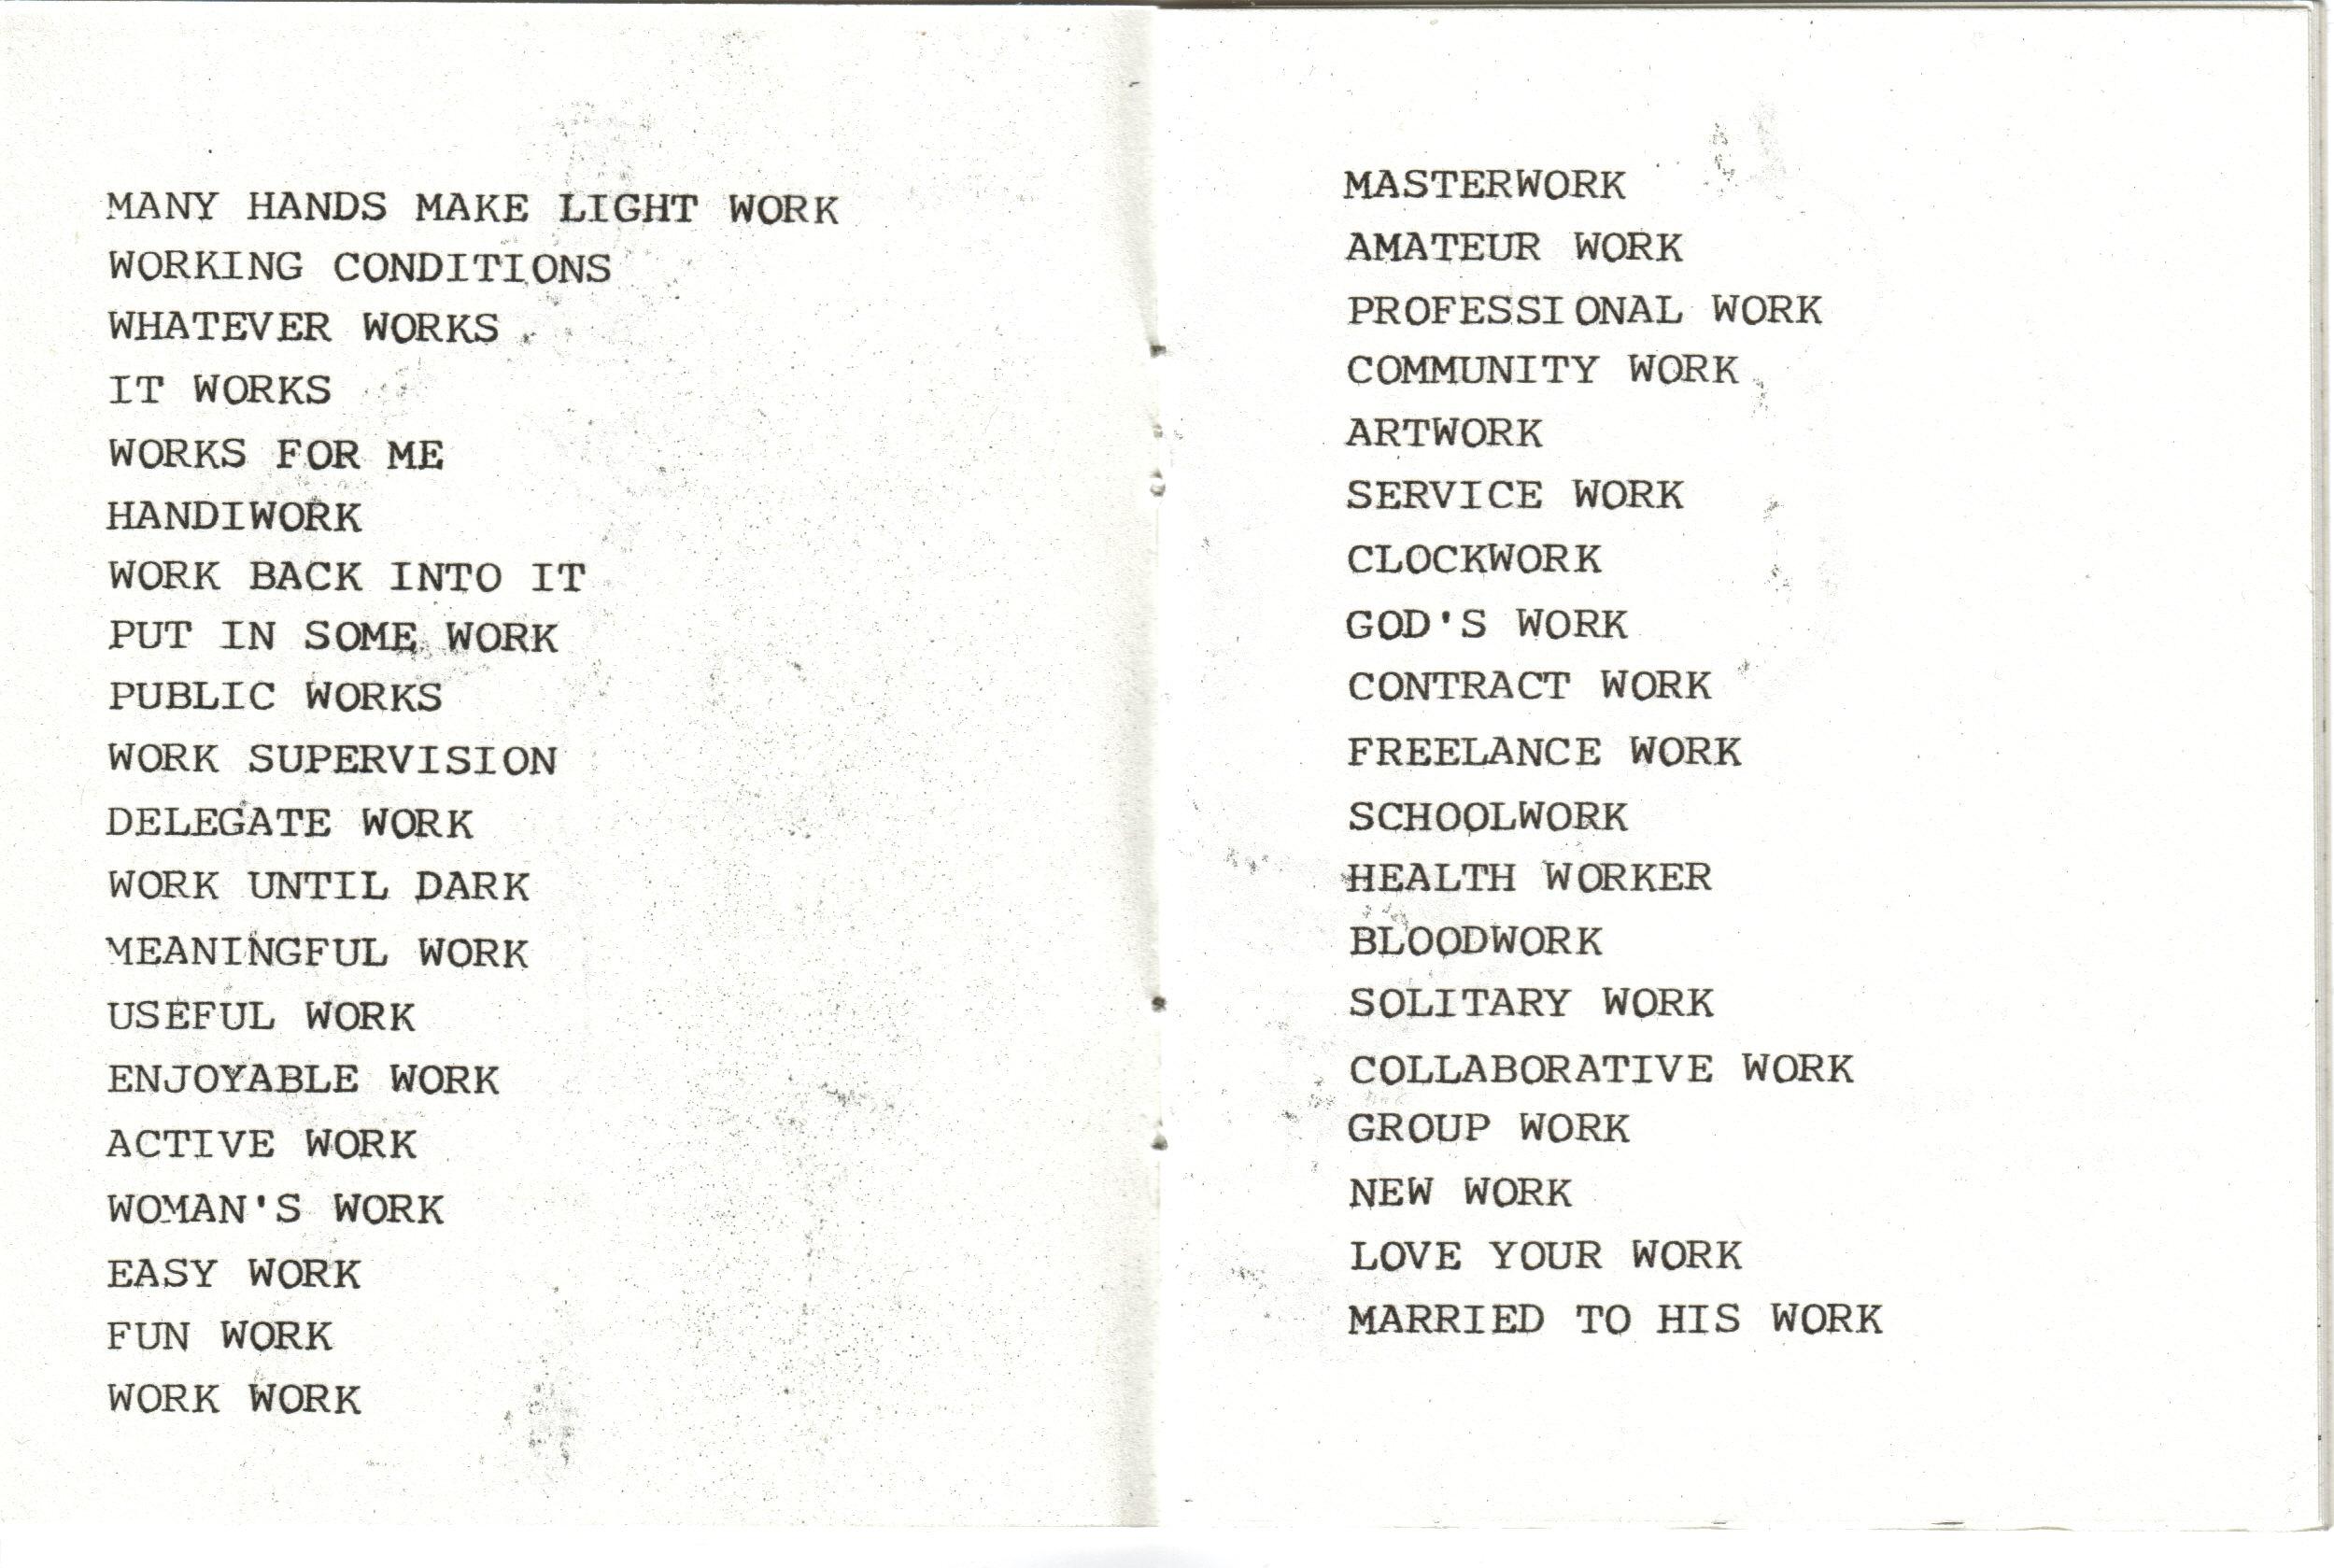 handbookofworkspeak_5